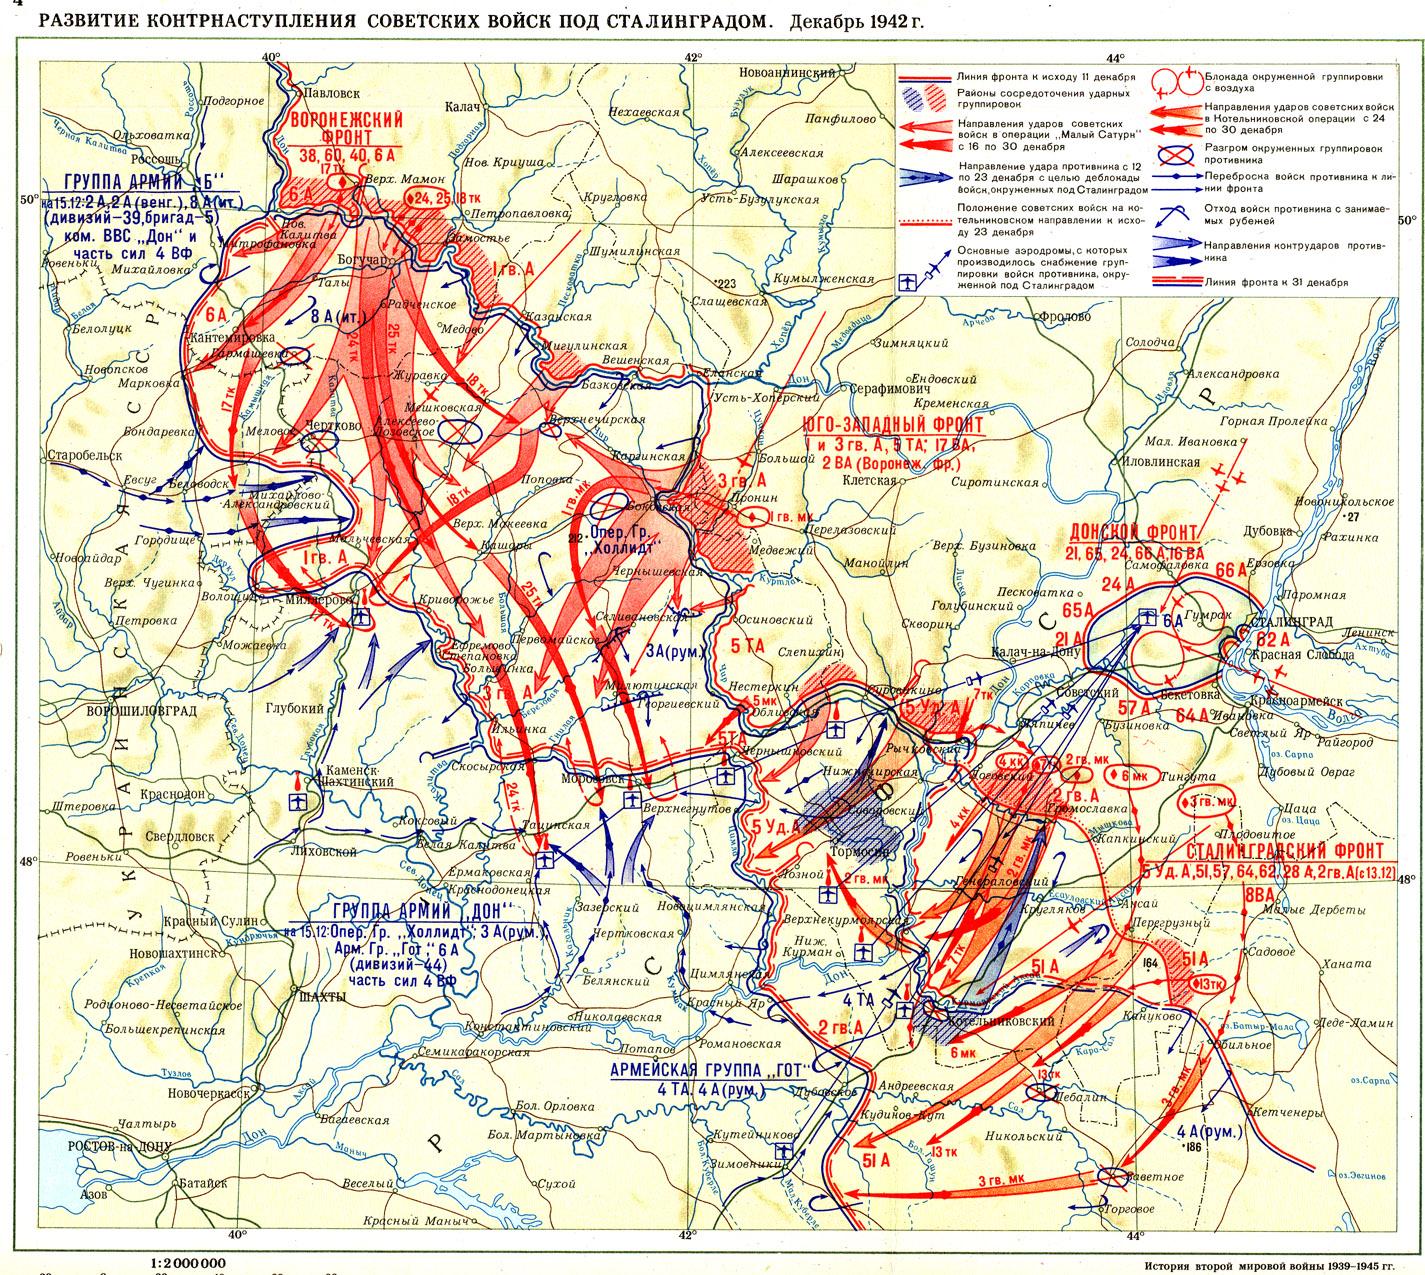 Карты военных действий Великой отечественной войны.